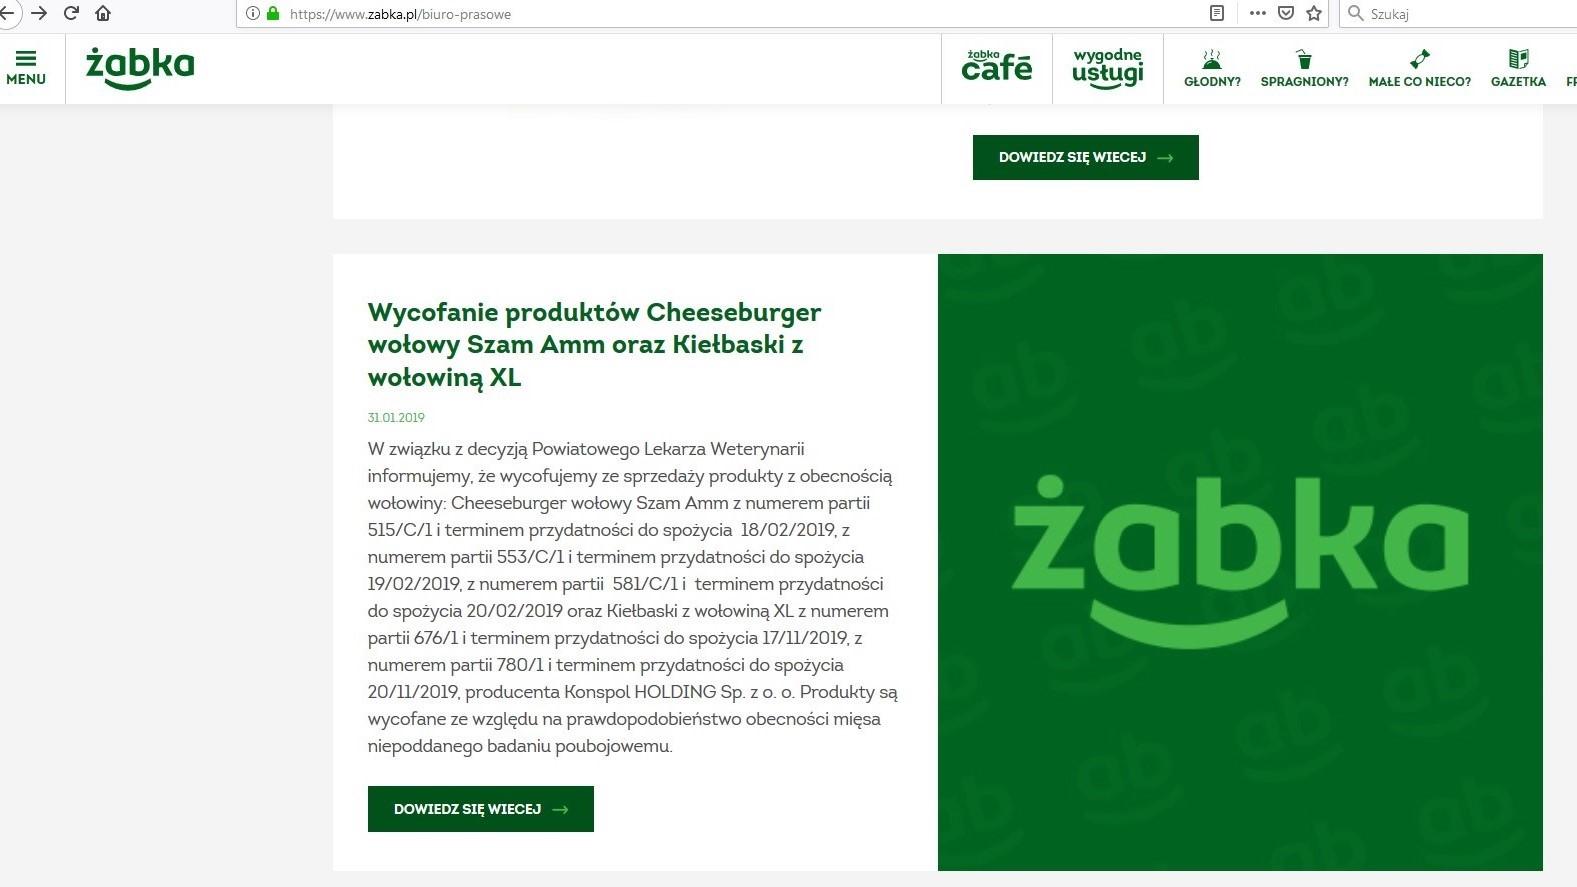 Zabka3 wycofanie - www.zabka.pl